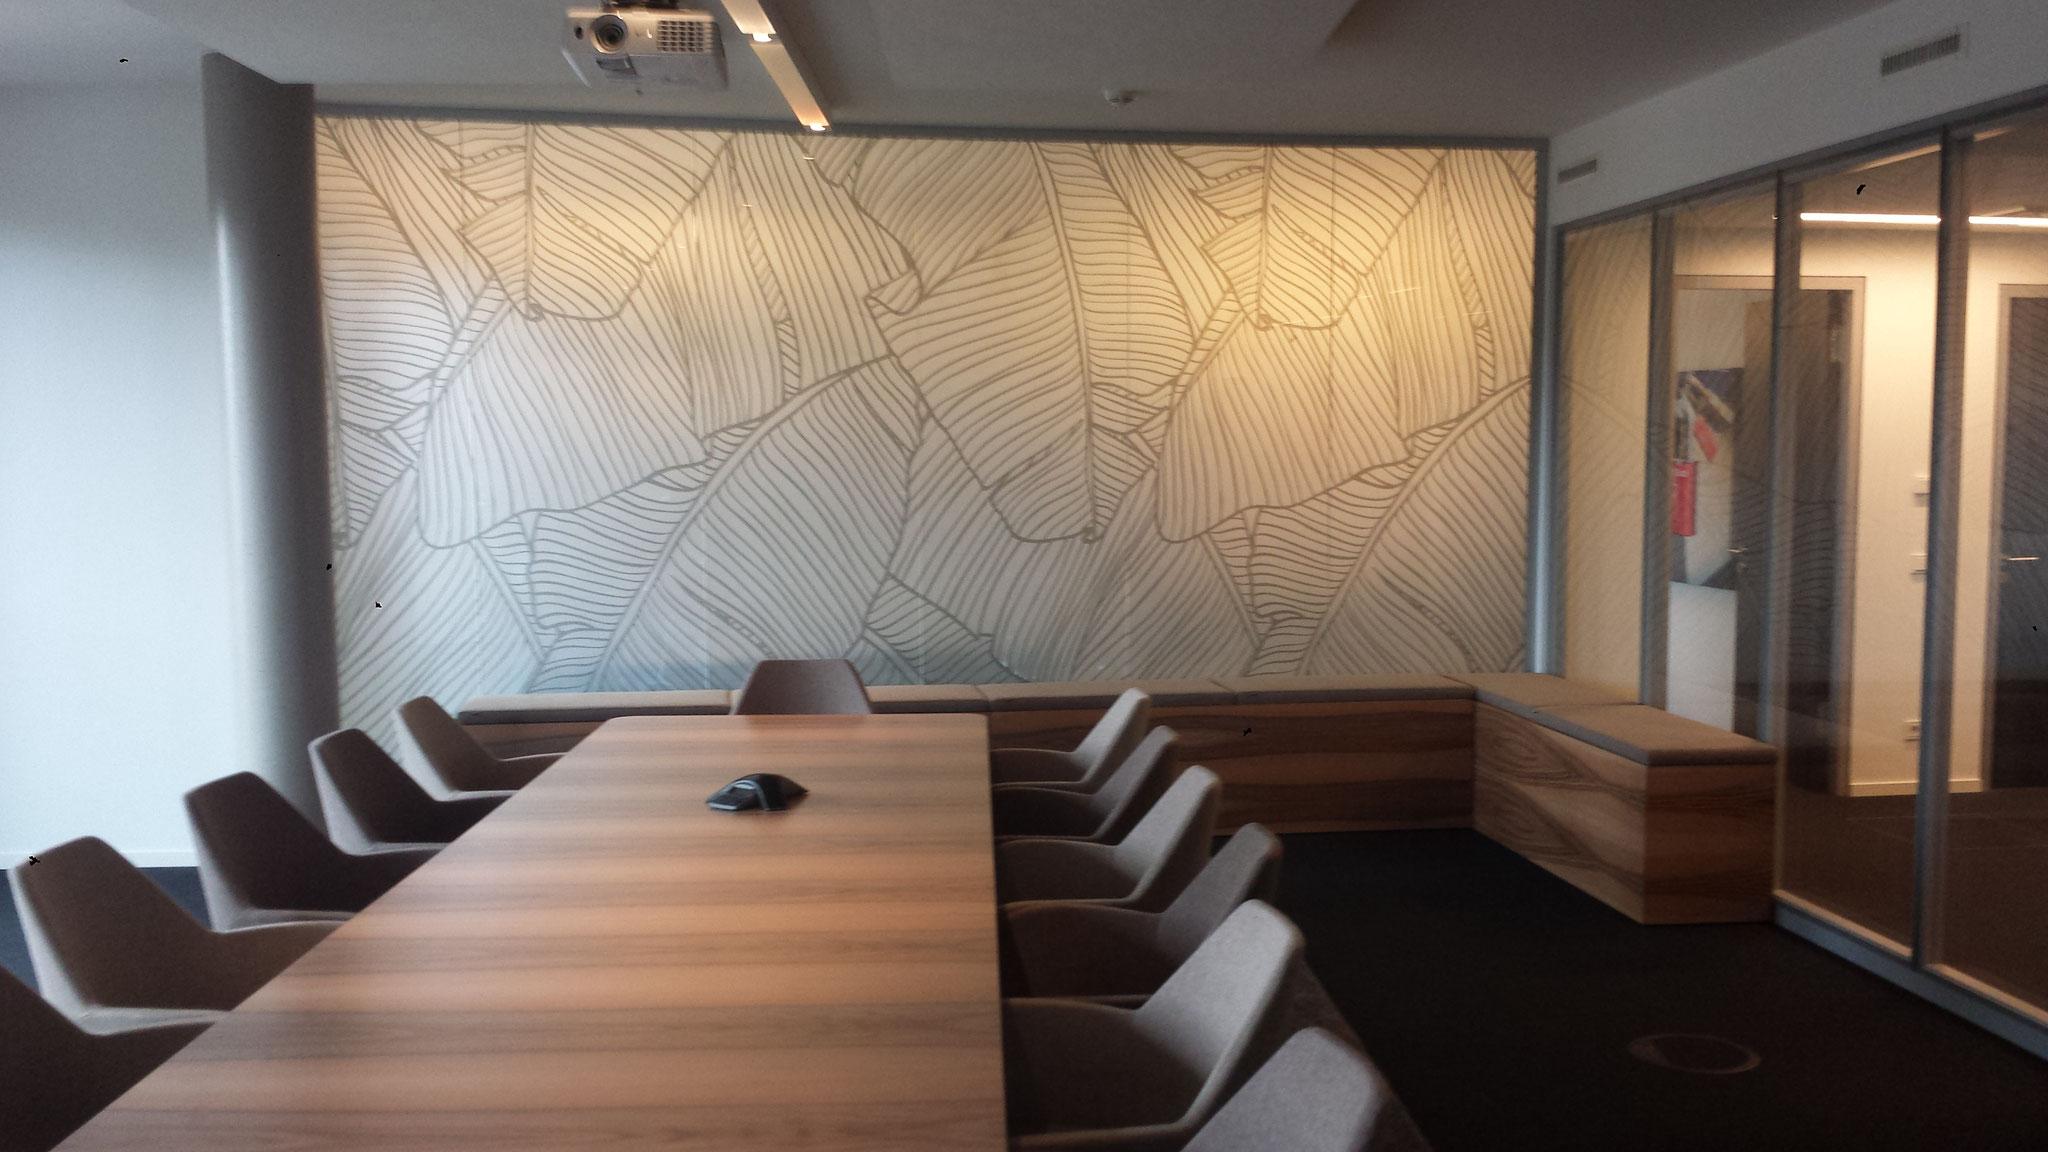 Glasmattierungsfolie mit Blattmotiv bedruckt als Raumtrenner